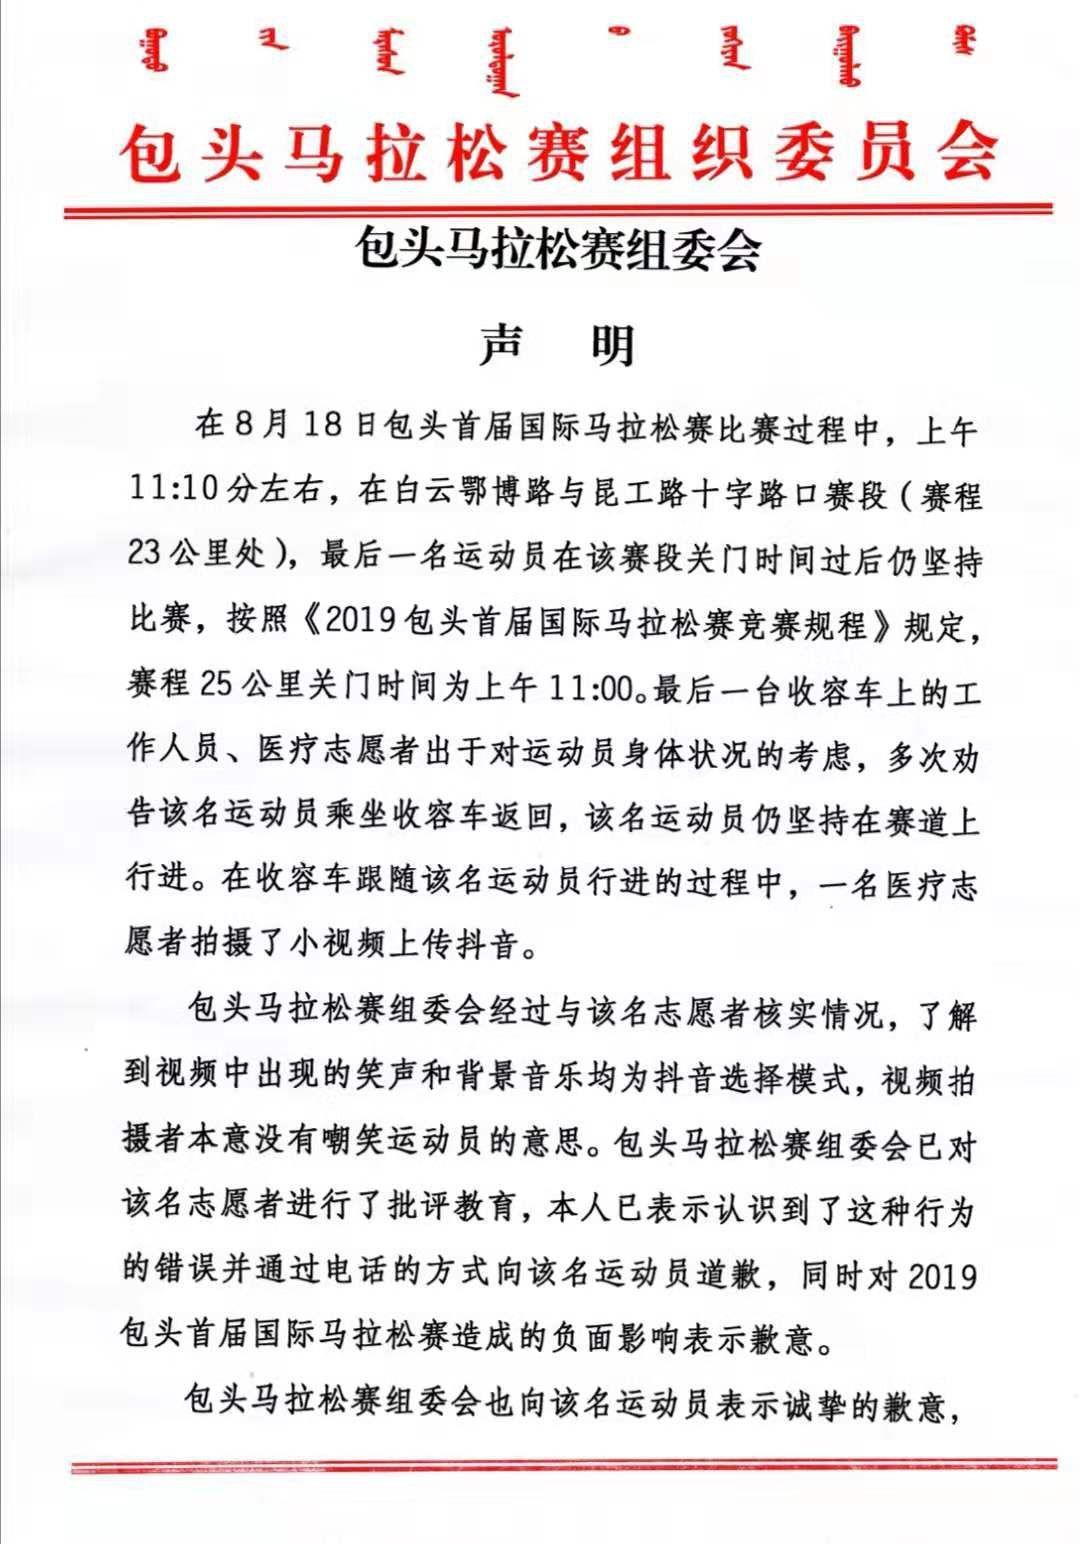 包头马拉松回应:志愿者已向跑友电话致歉 将加强培训